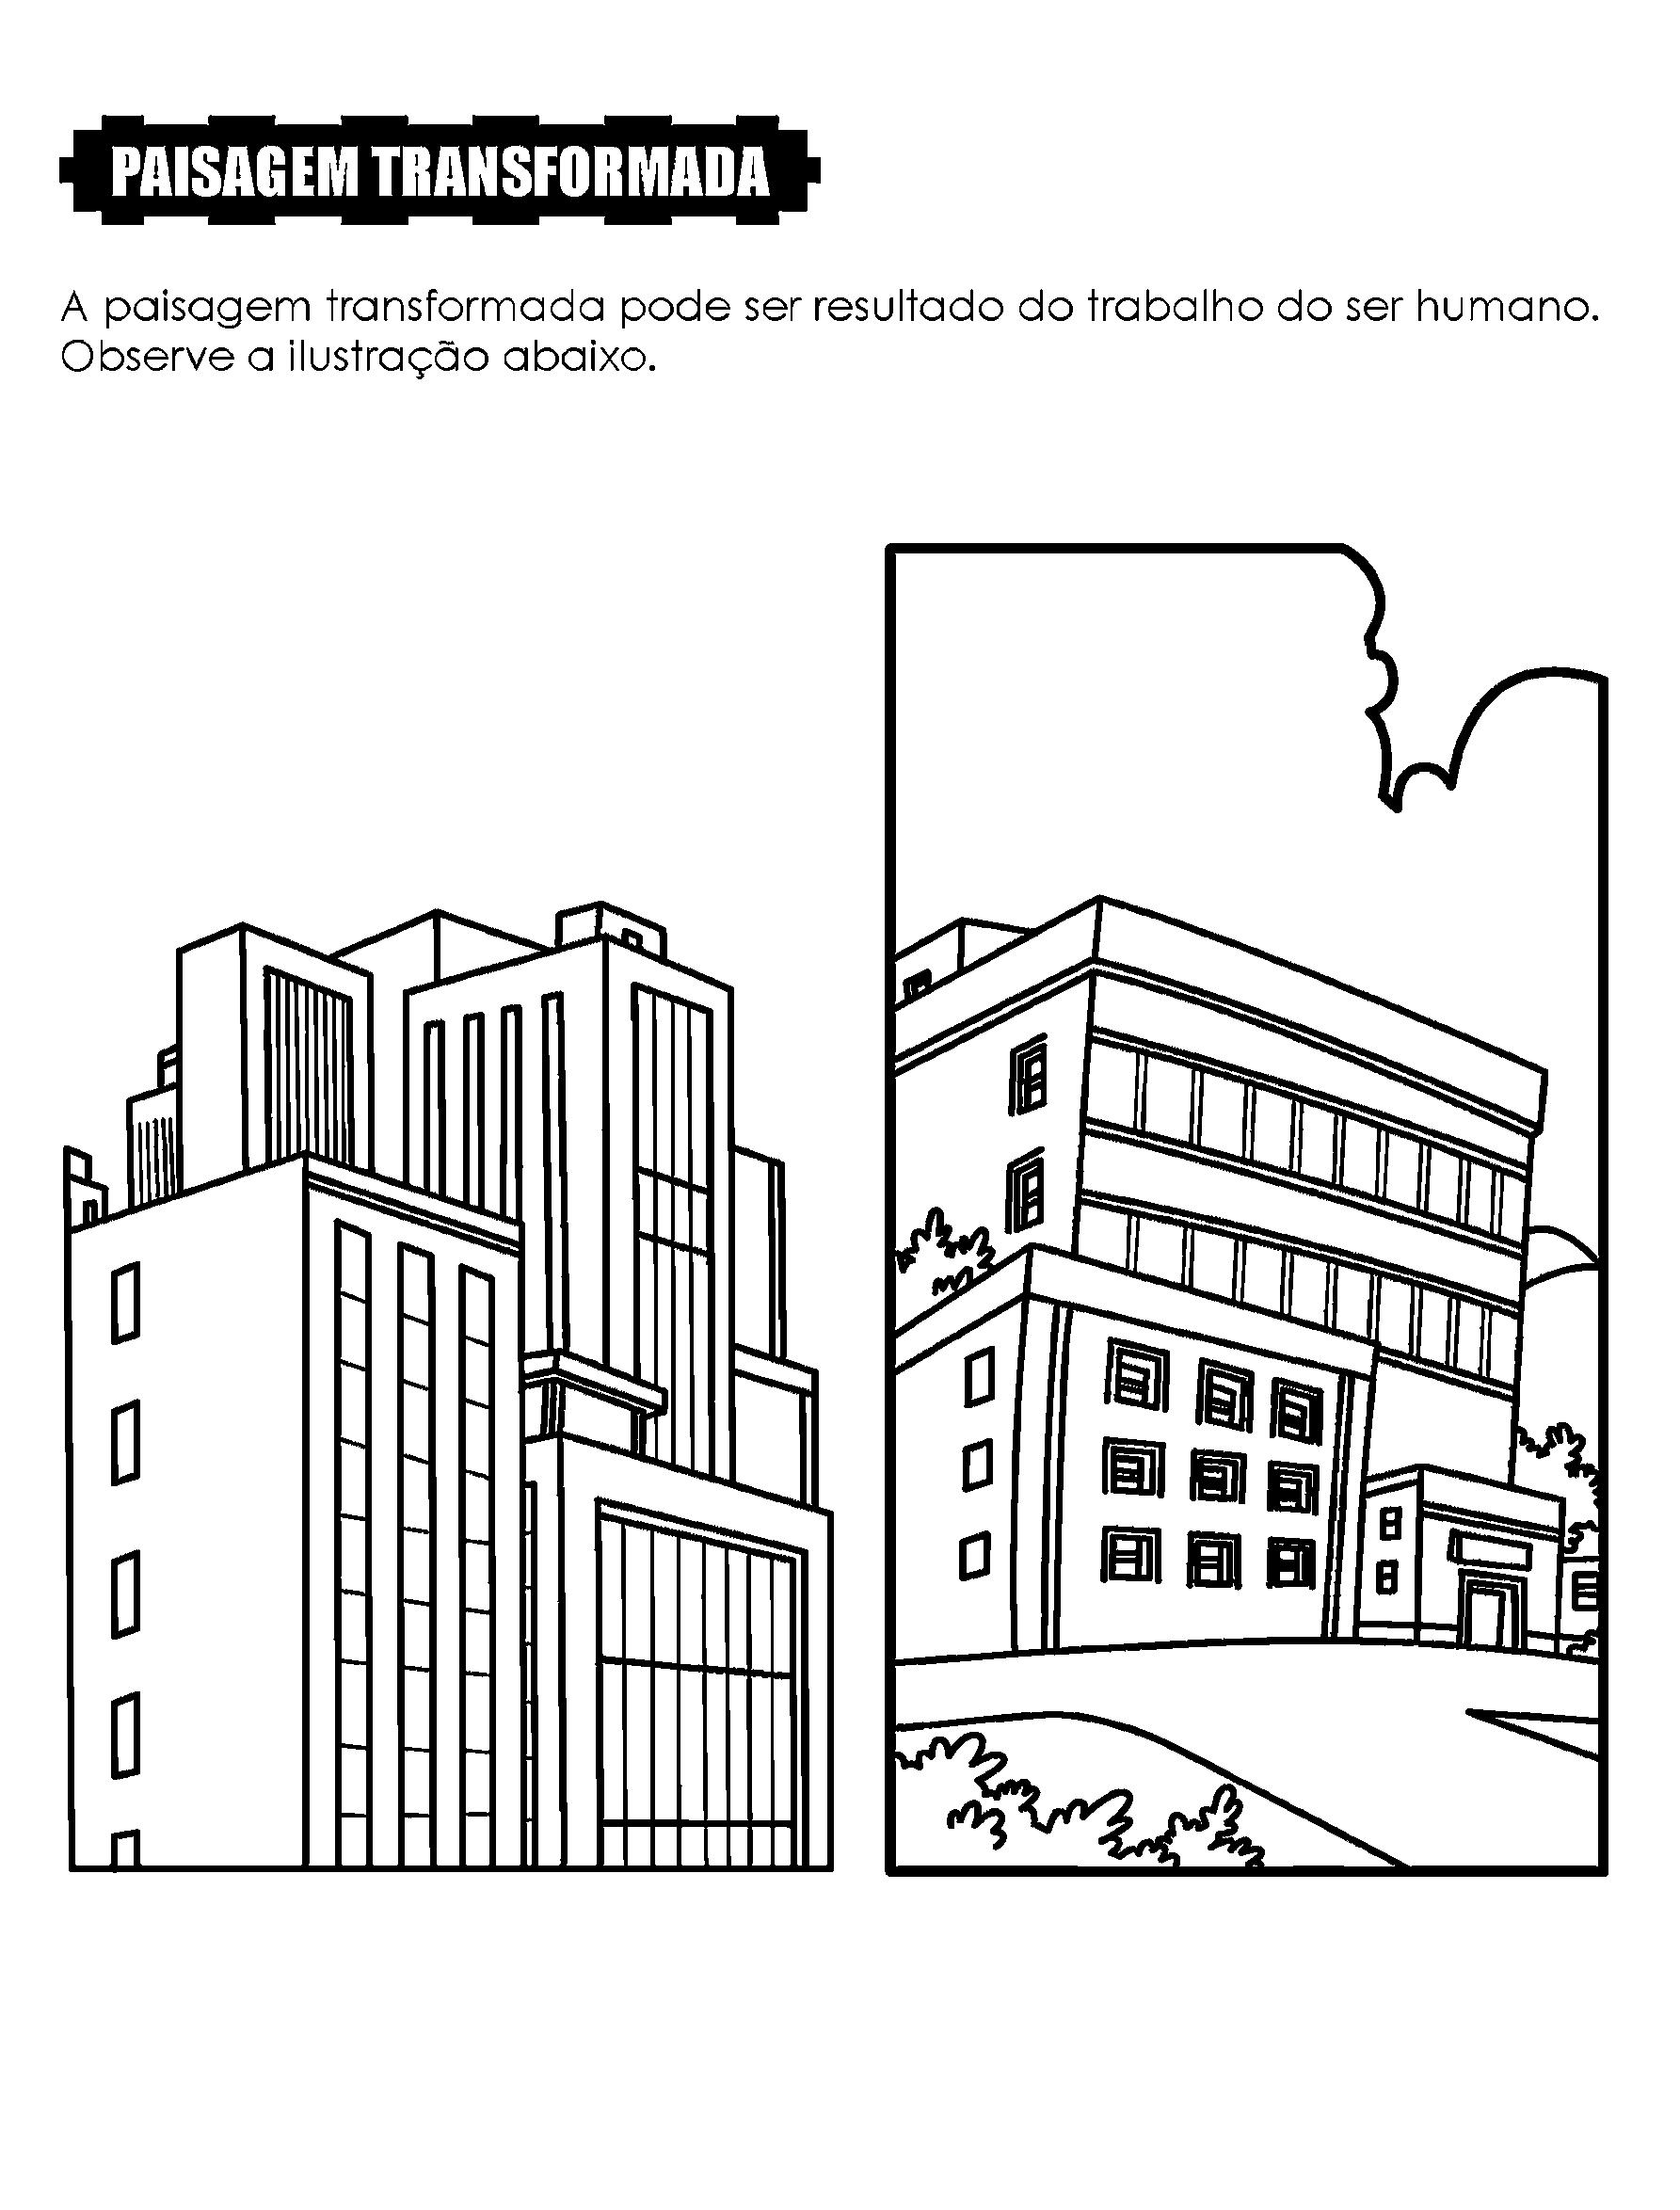 Desenho - Paisagem transformada